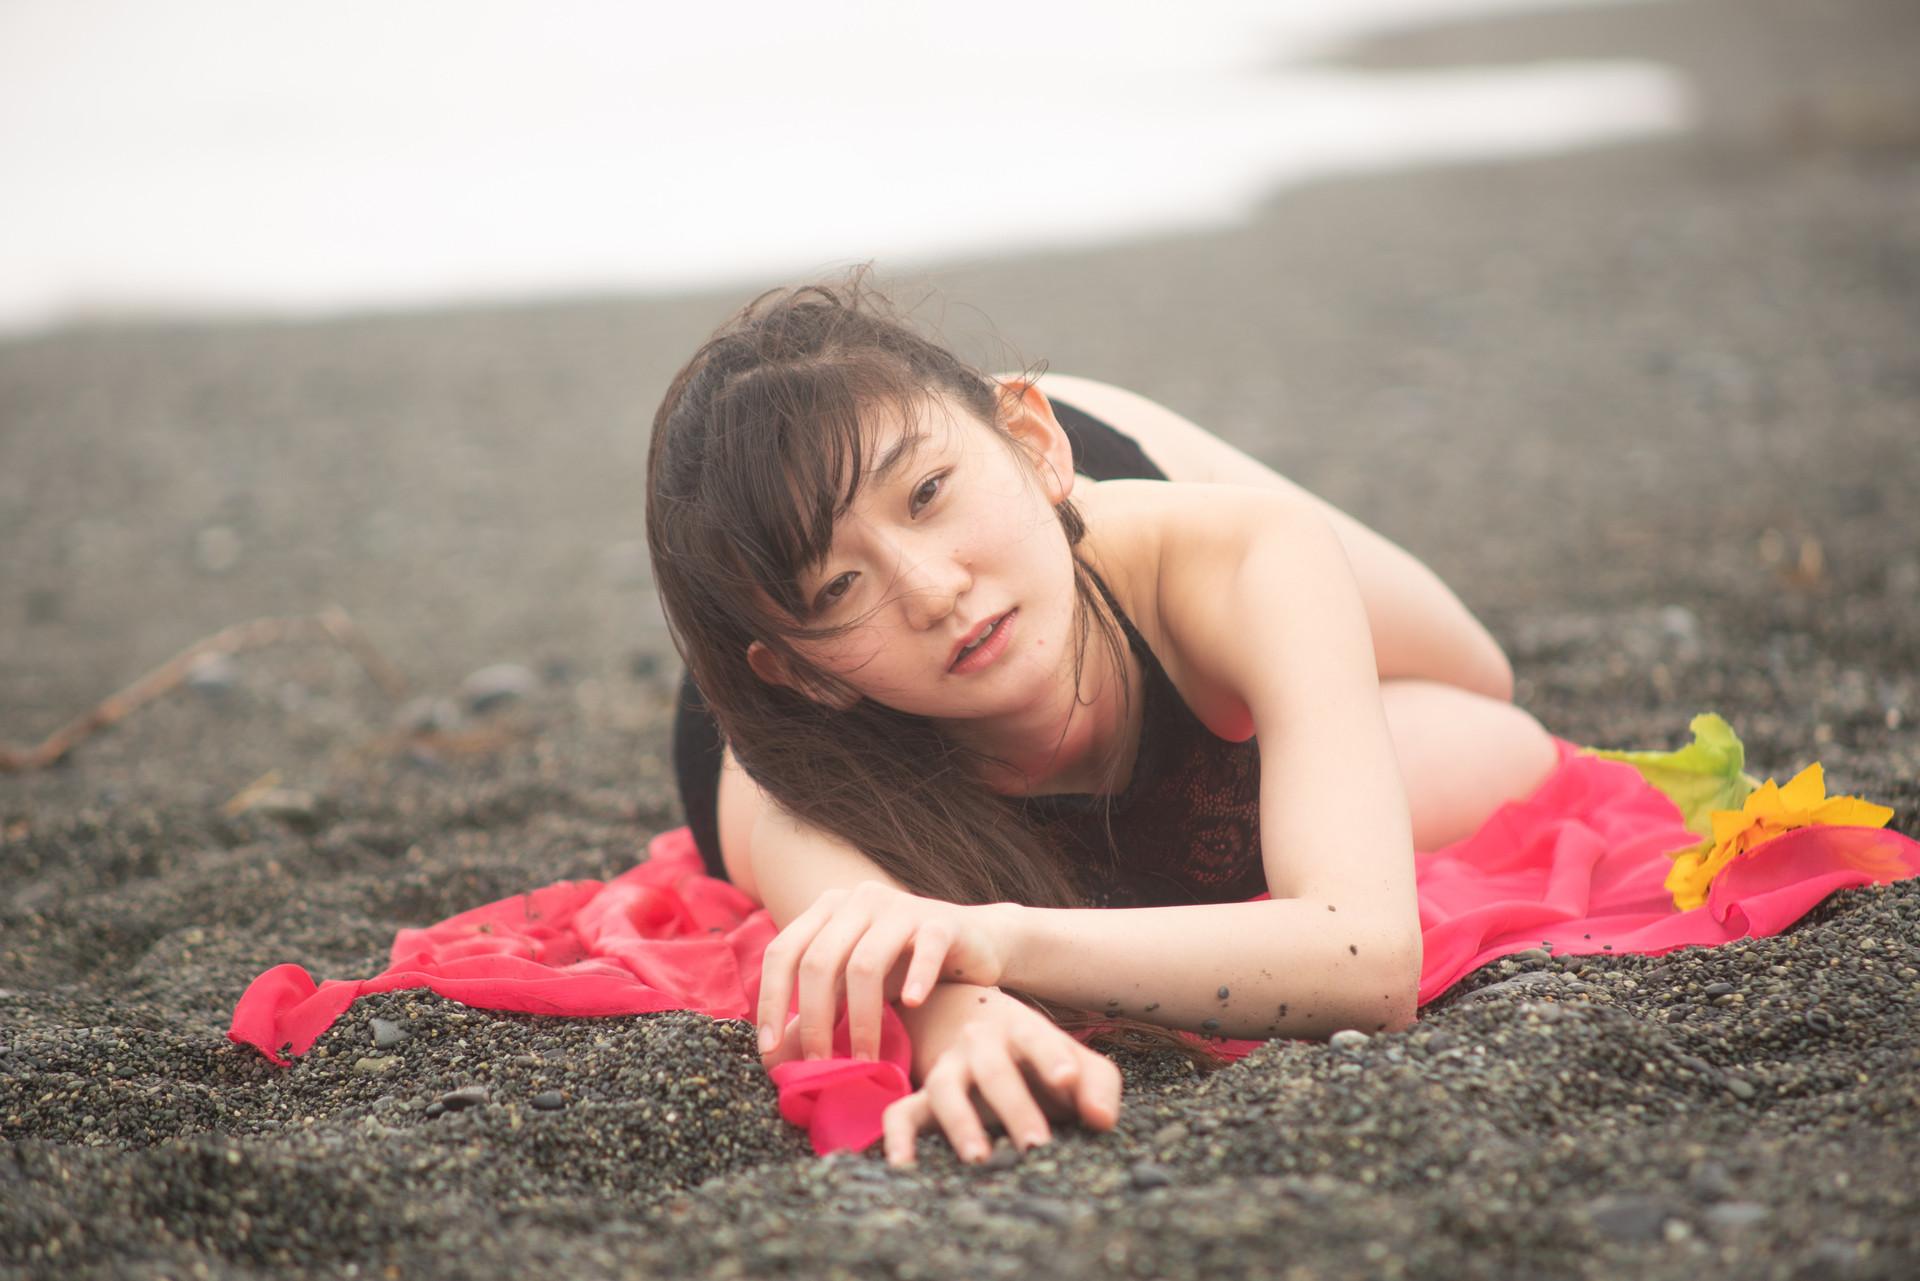 緒方 来夏さん(ミス湘南2017)